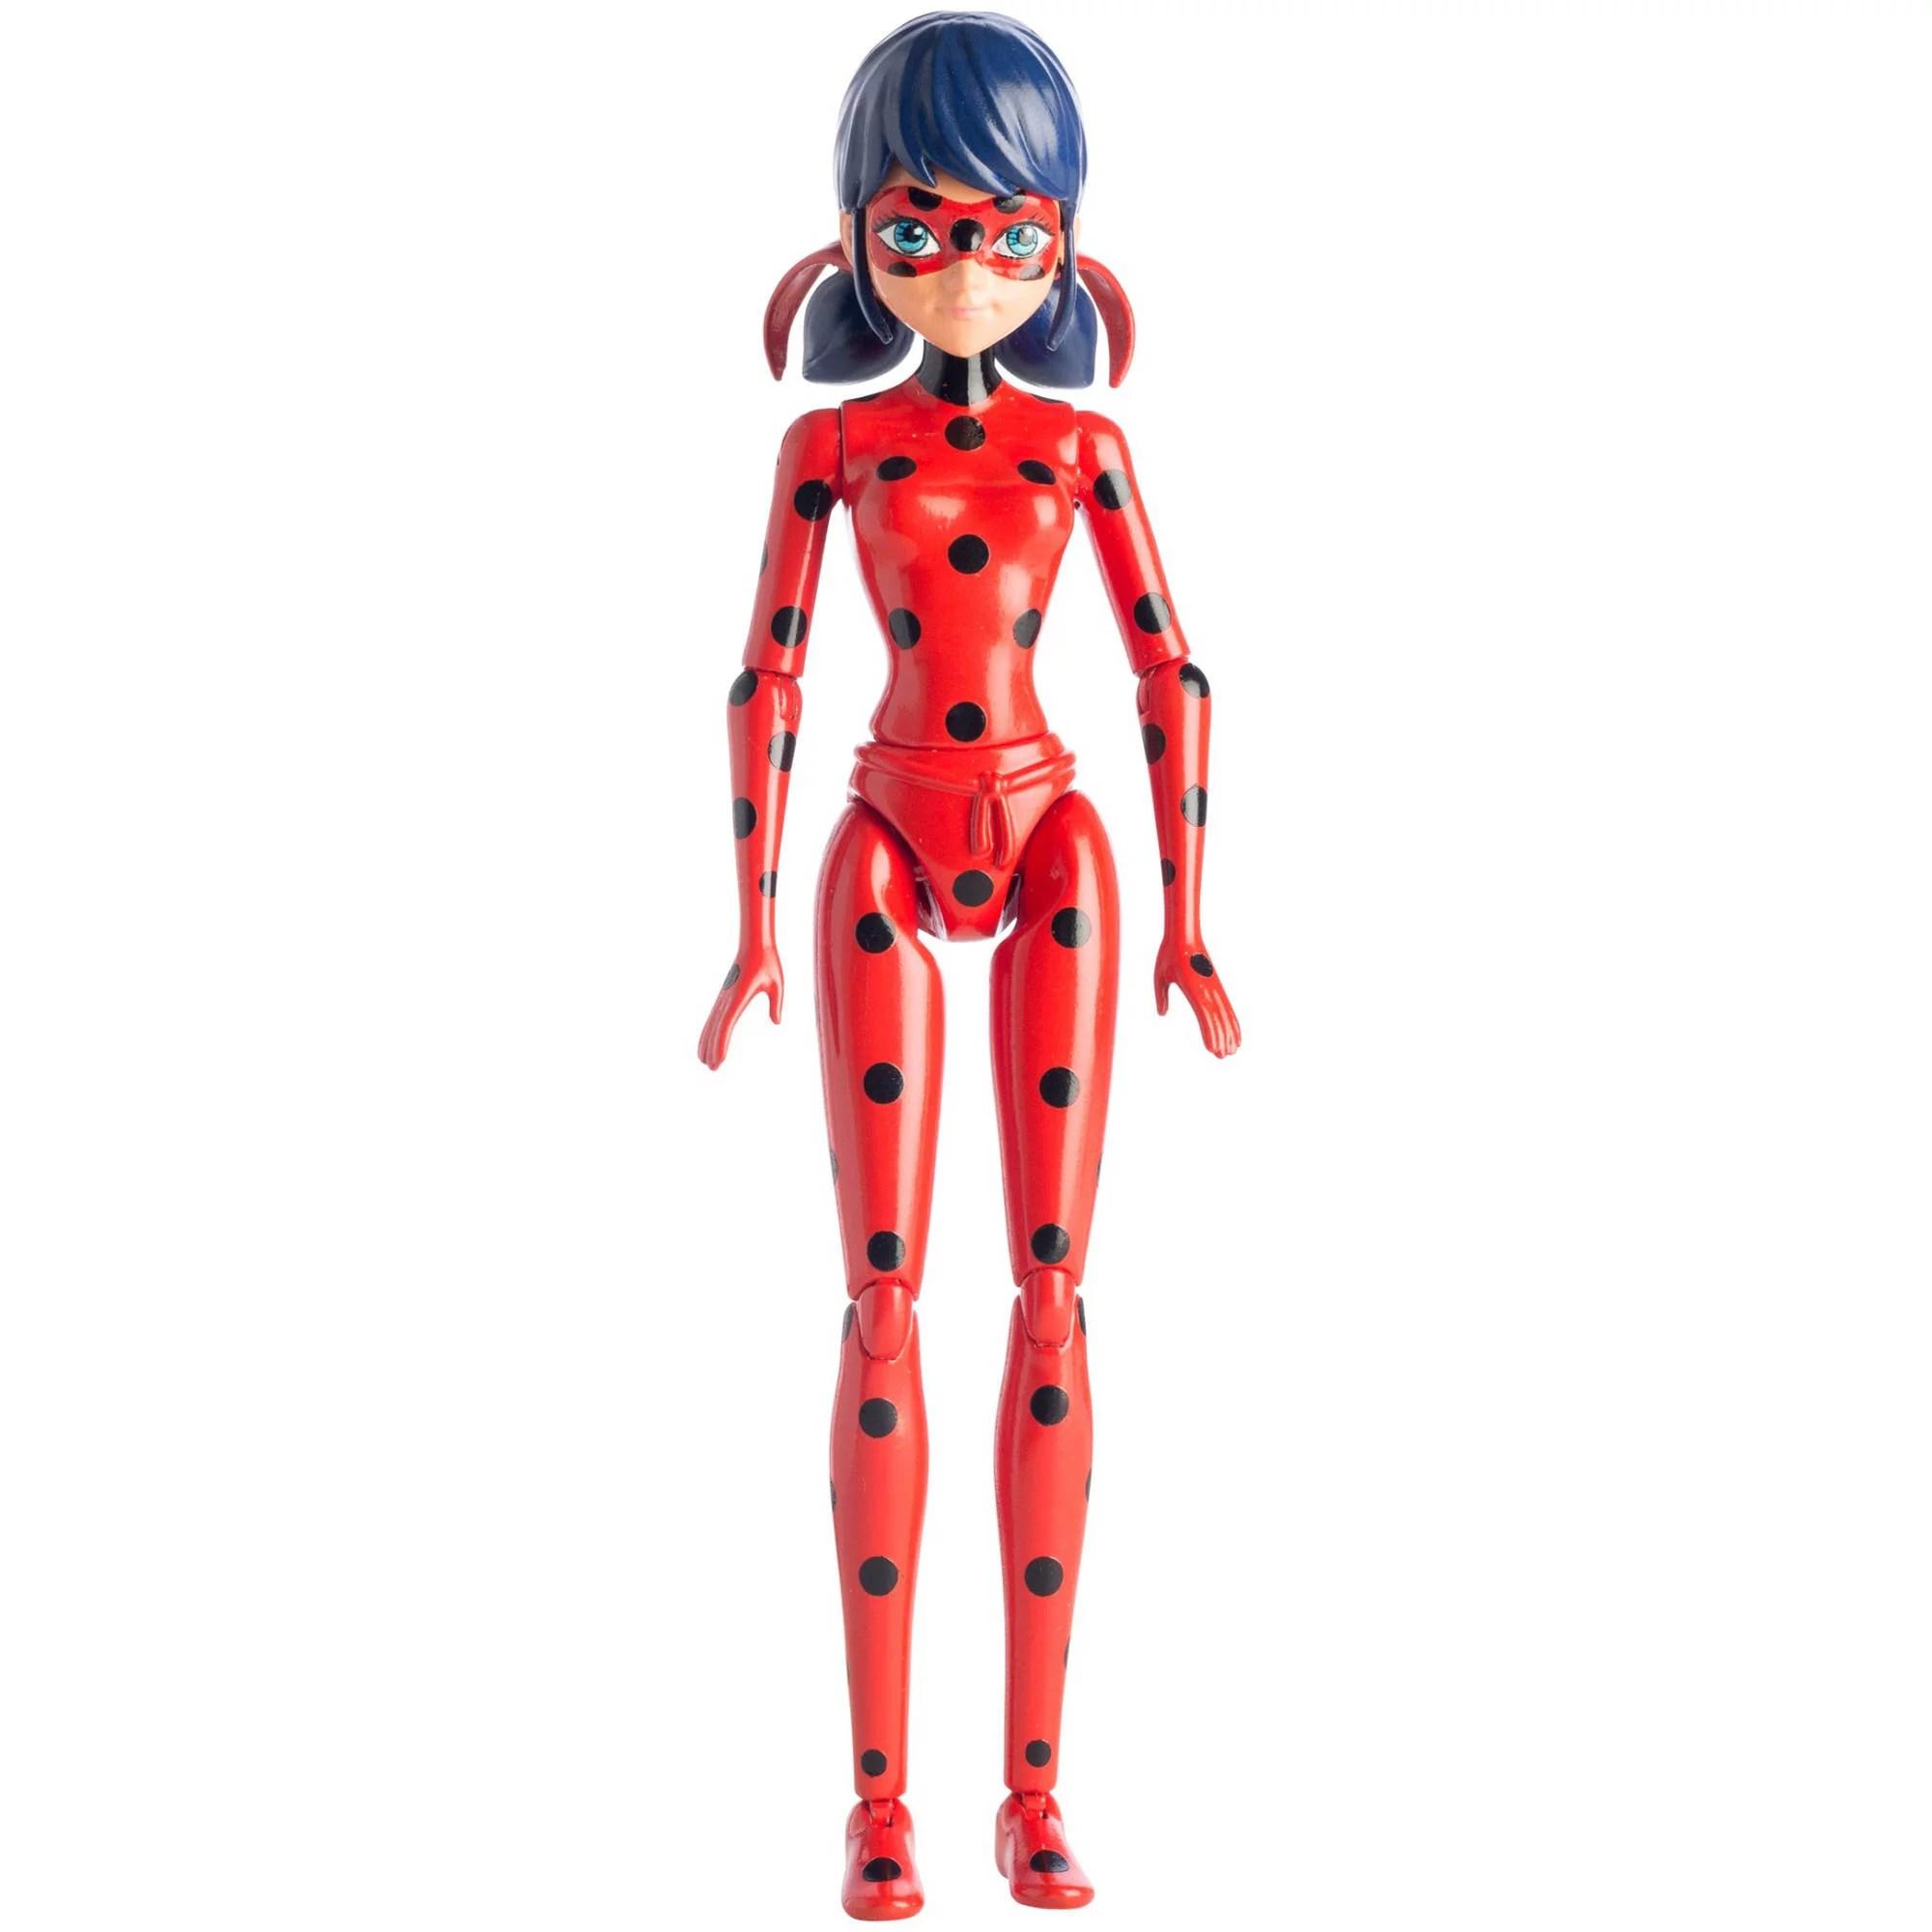 Miraculous 5 5 Figure Ladybug Walmart